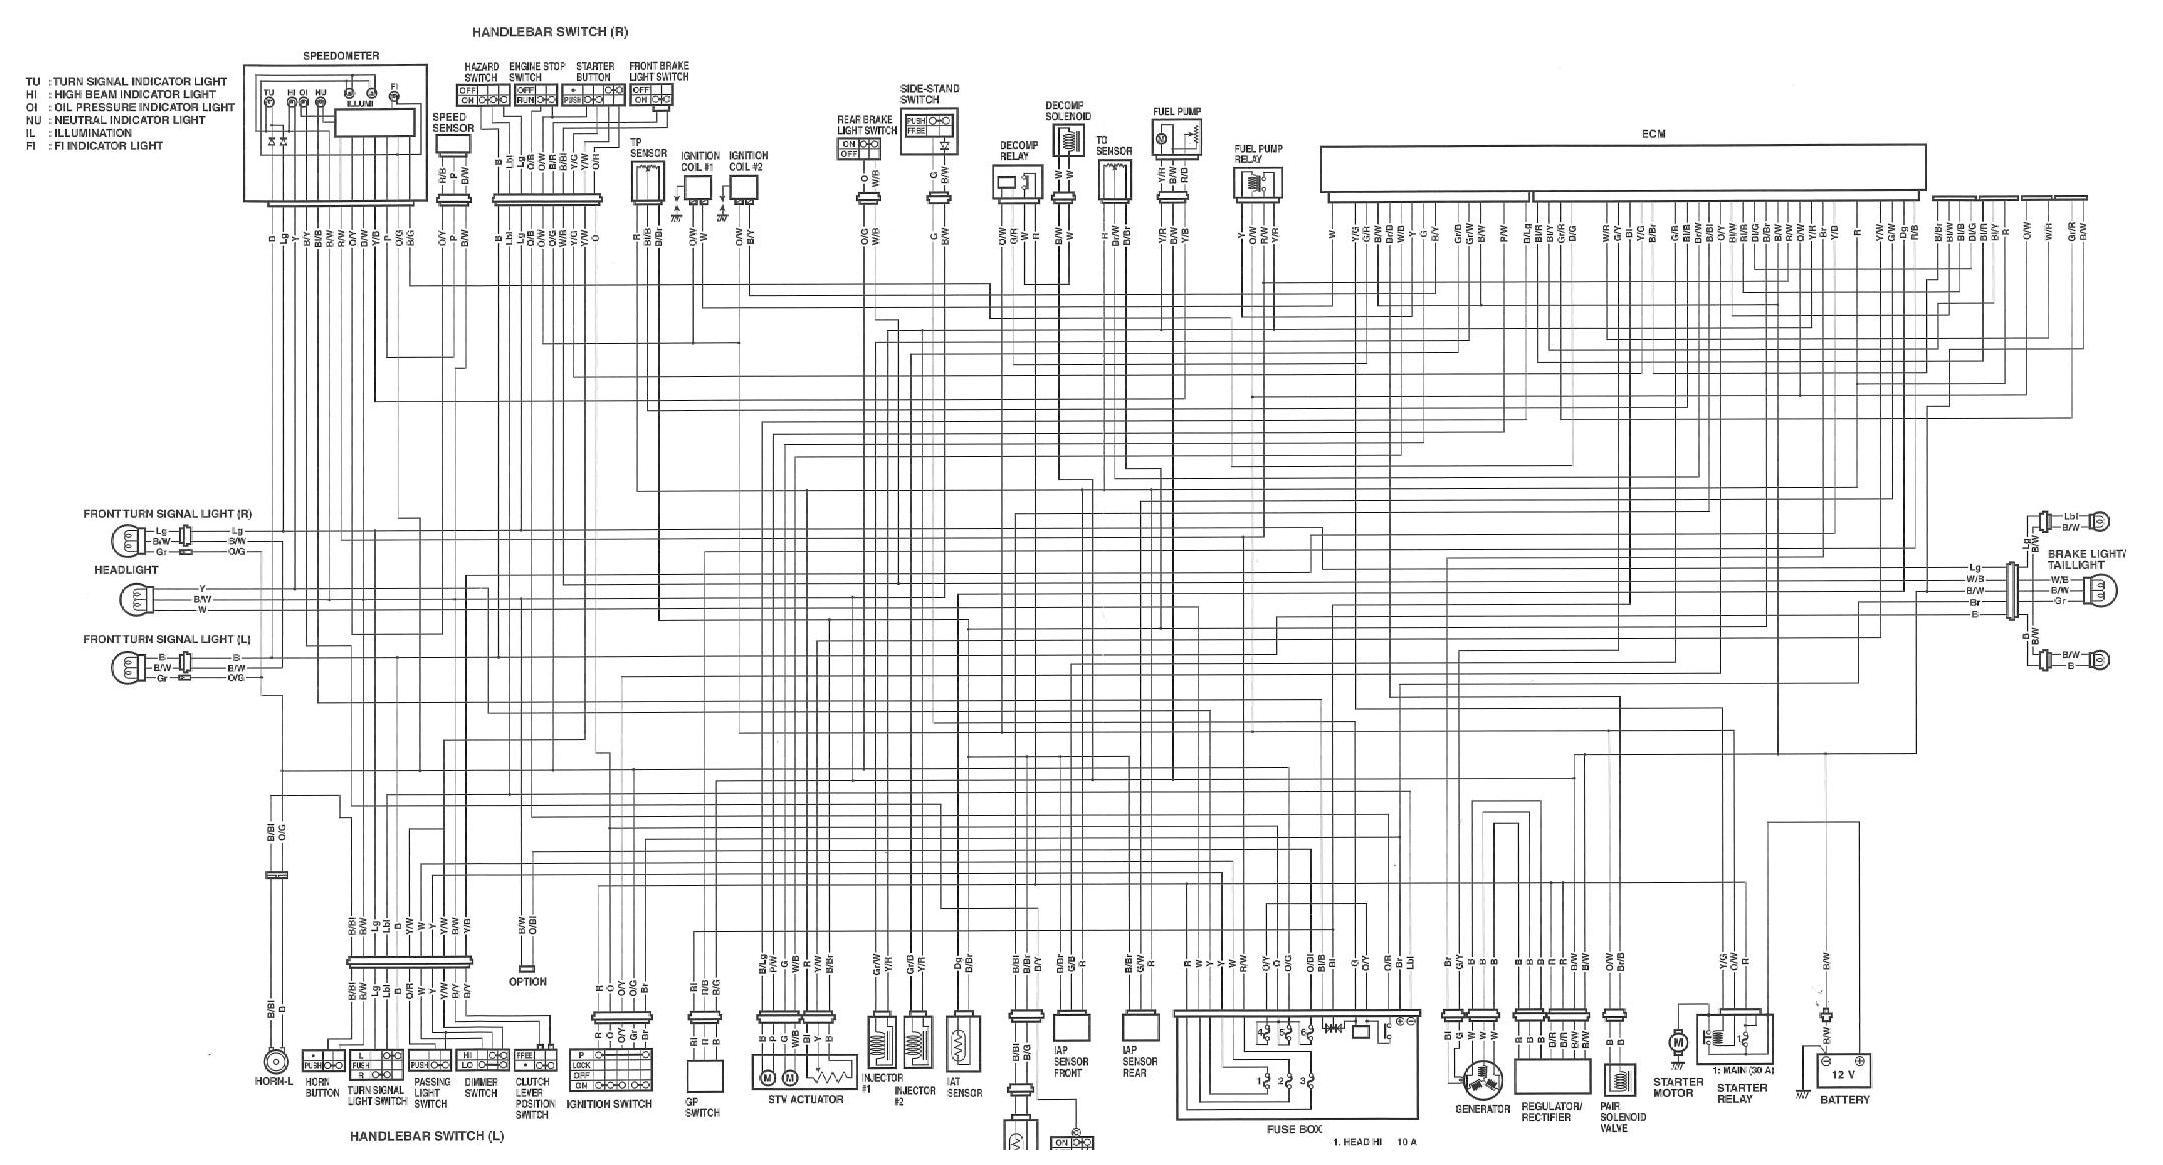 Vl800 Wiring Schematic Detailed Schematics Diagram 2001 Yamaha R1 Harness Wire Diagrams Maxxam 150 Suzuki Motorcycle